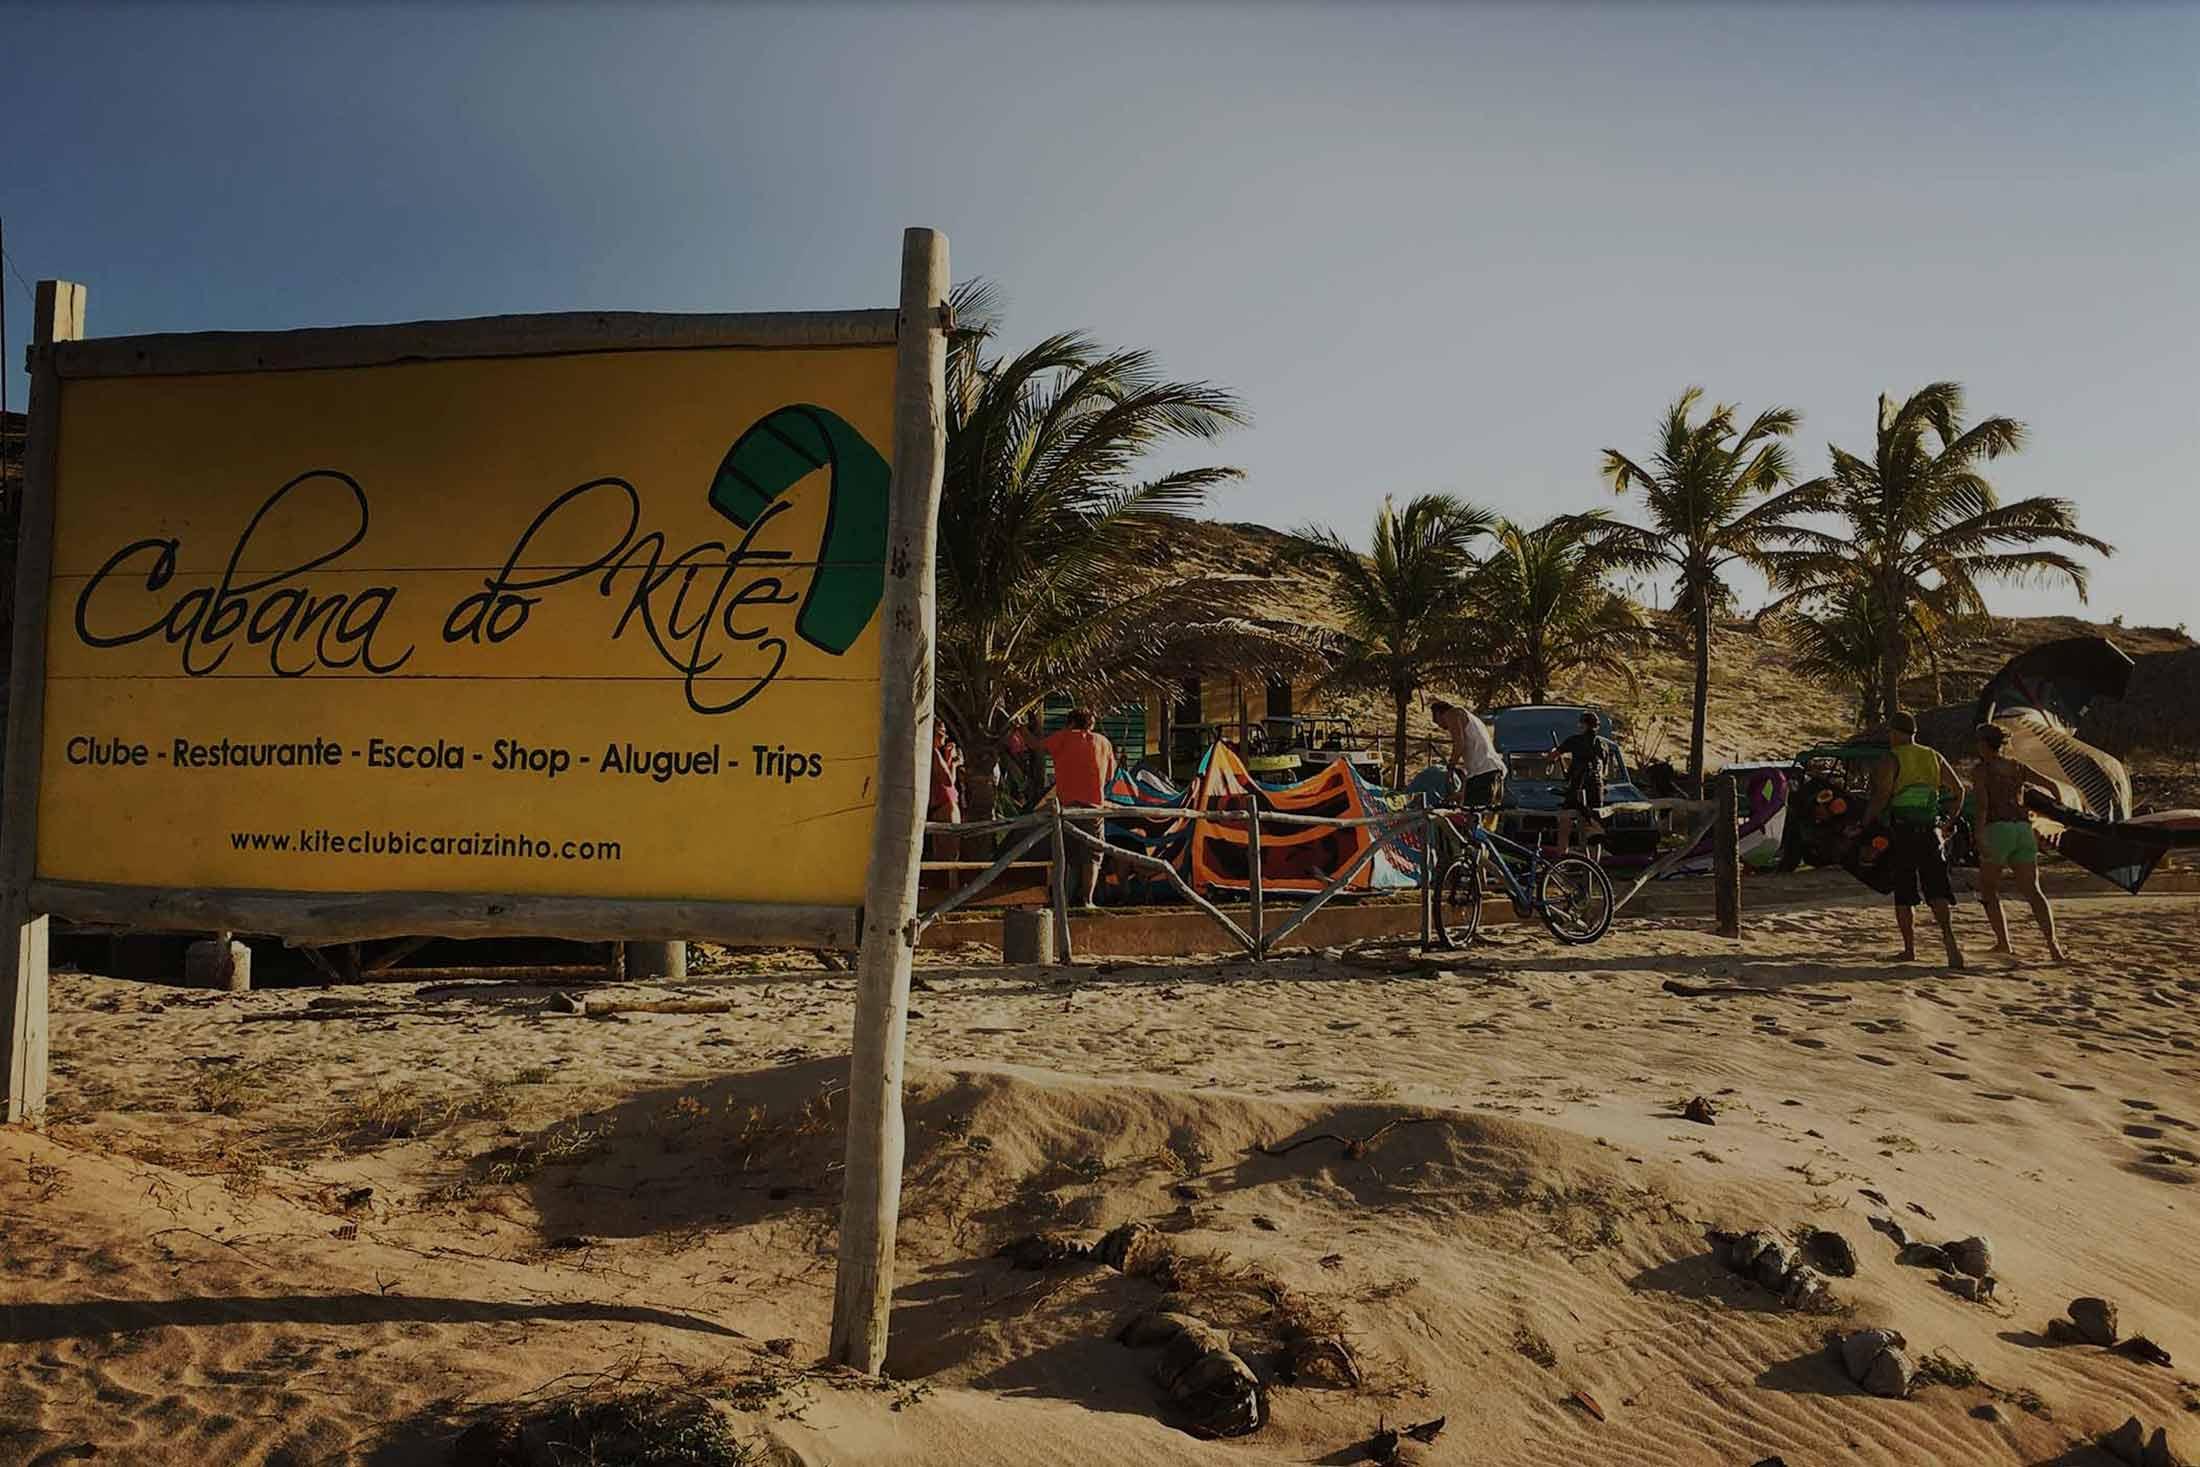 Cabana_slide_2_es